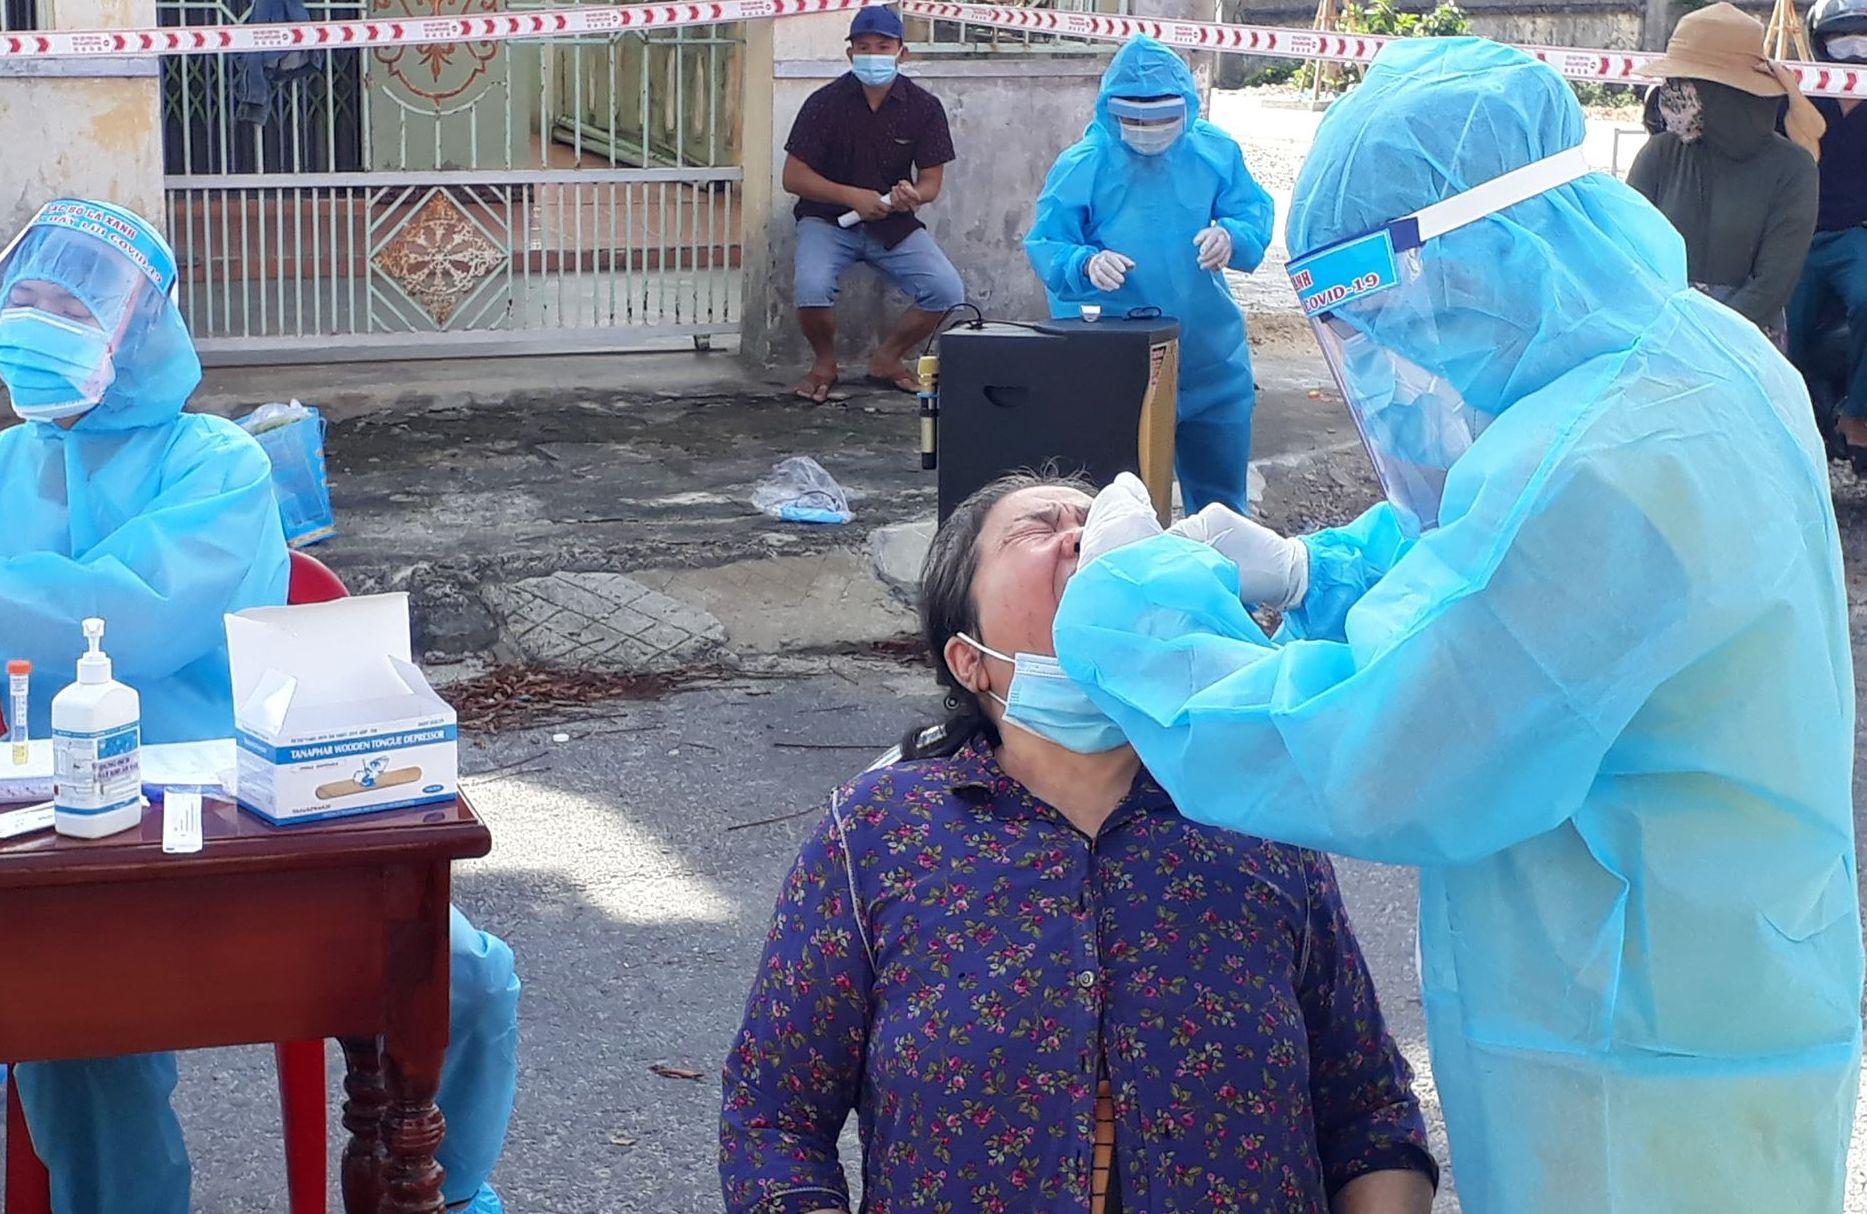 Lấy mẫu xét nghiệm đối với người dân tổ 2, tổ dân phố Lãnh Thượng 2, thị trấn Đông Phú. Ảnh: DT